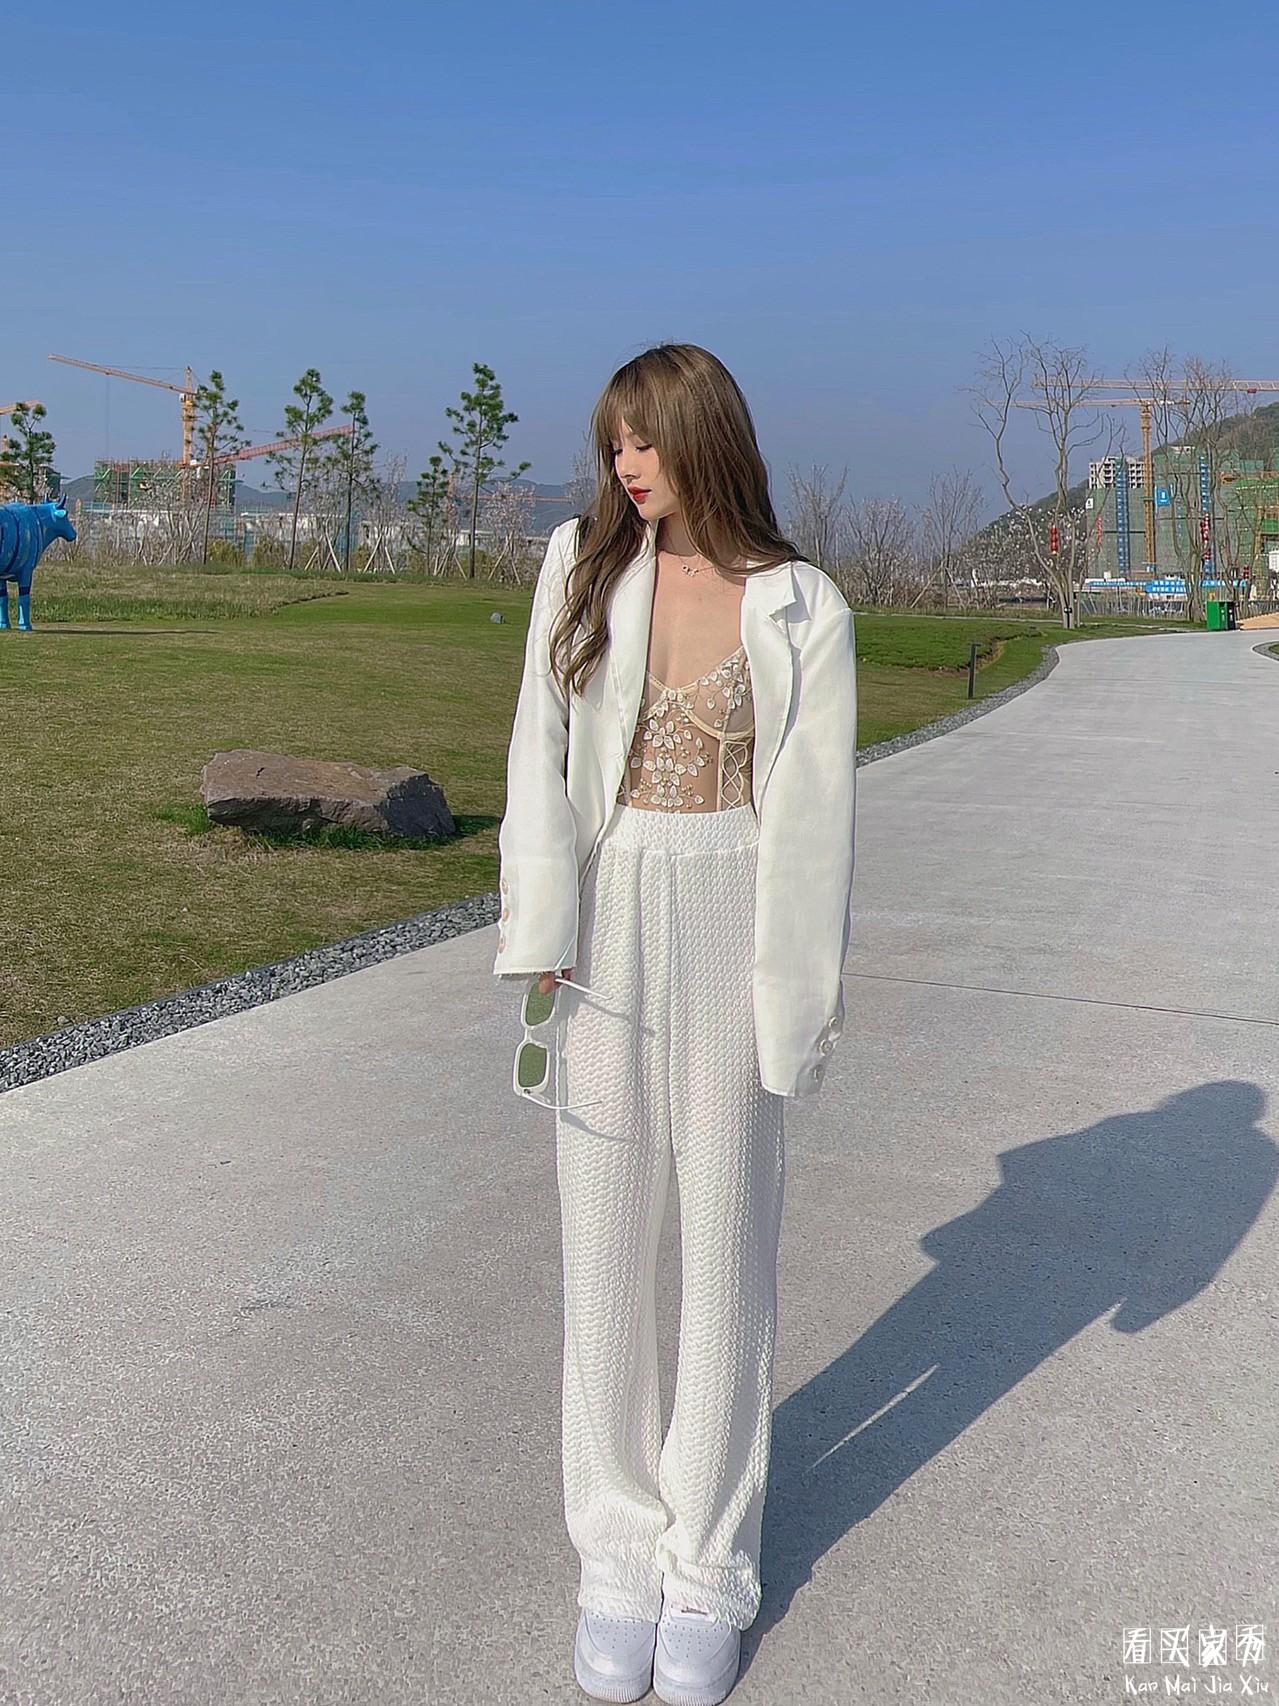 蕾丝刺绣透视内衣买家秀,一件可外穿的神奇内衣3